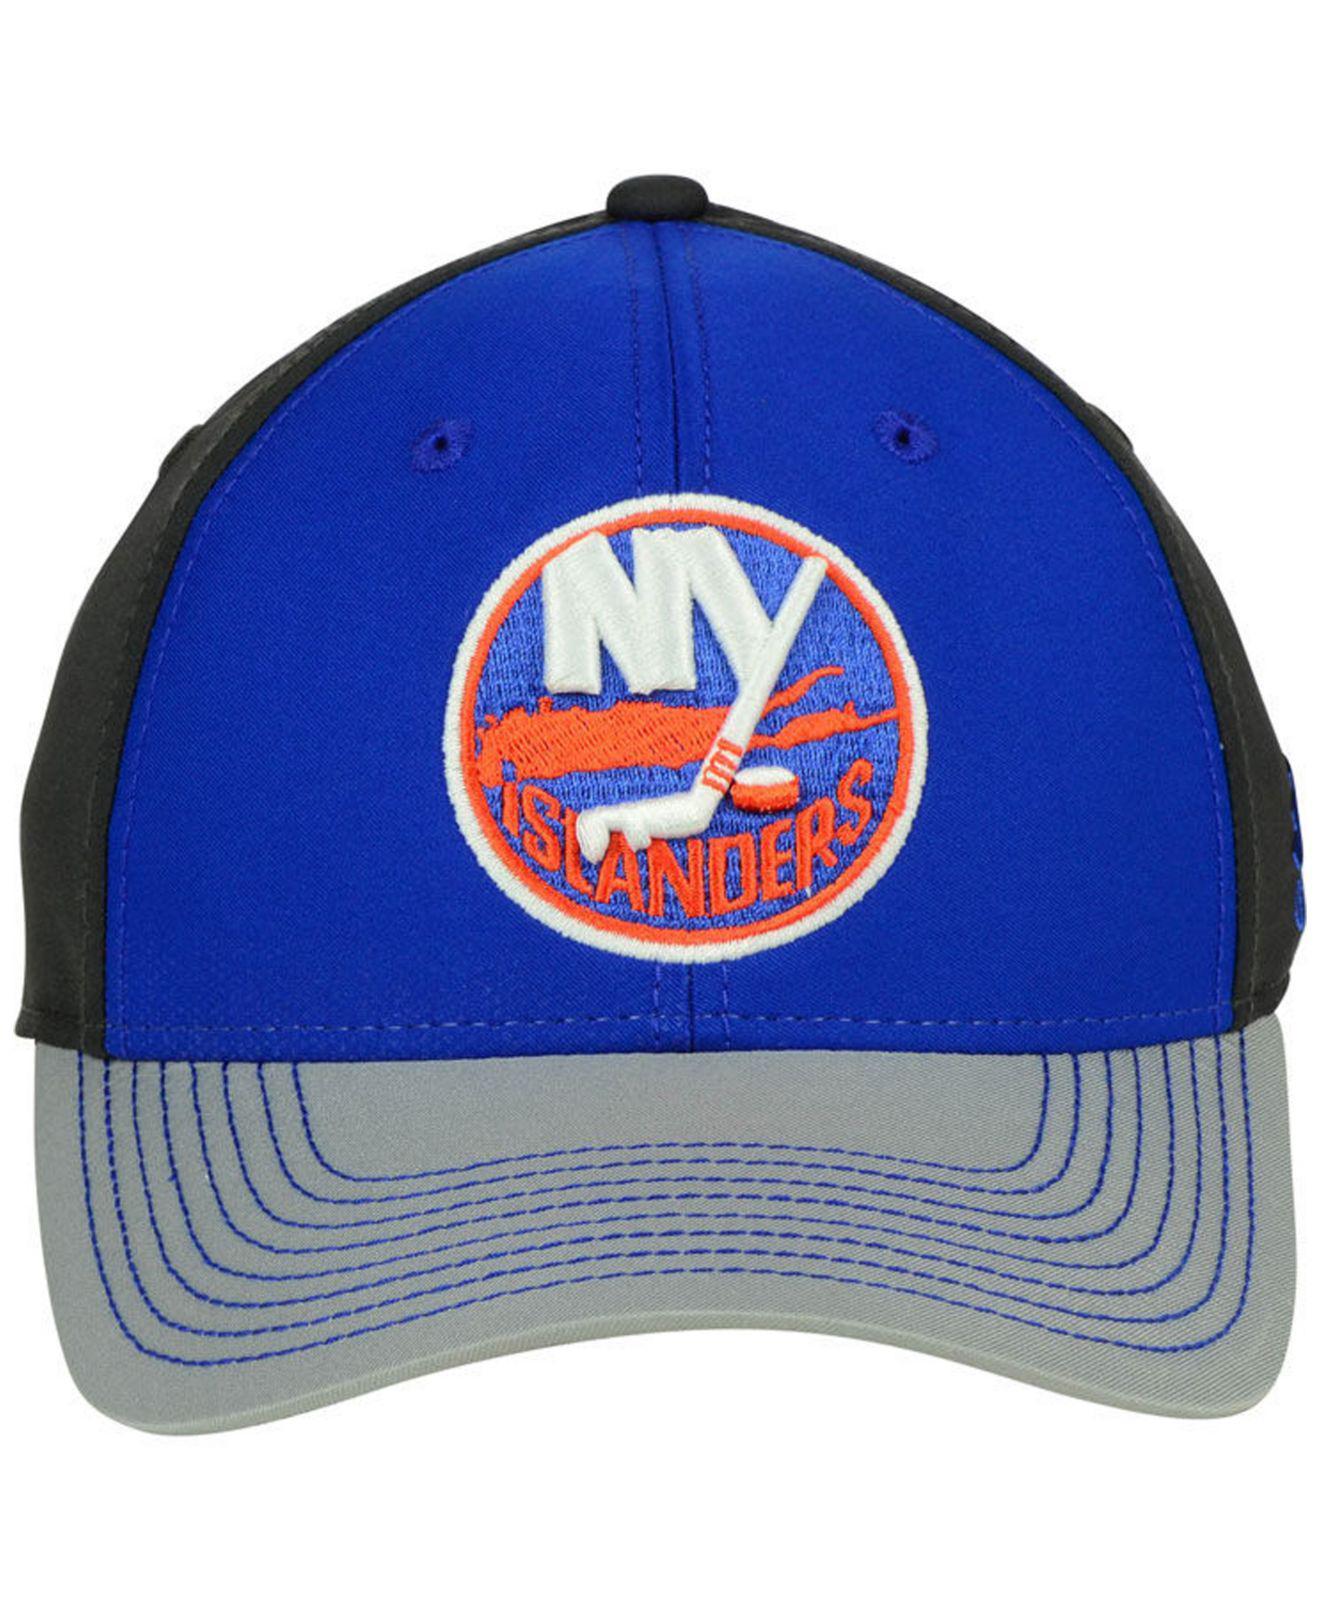 low priced fda9b fc695 ... get lyst adidas new york islanders 2tone stitch flex cap in blue for men  2fb36 61396